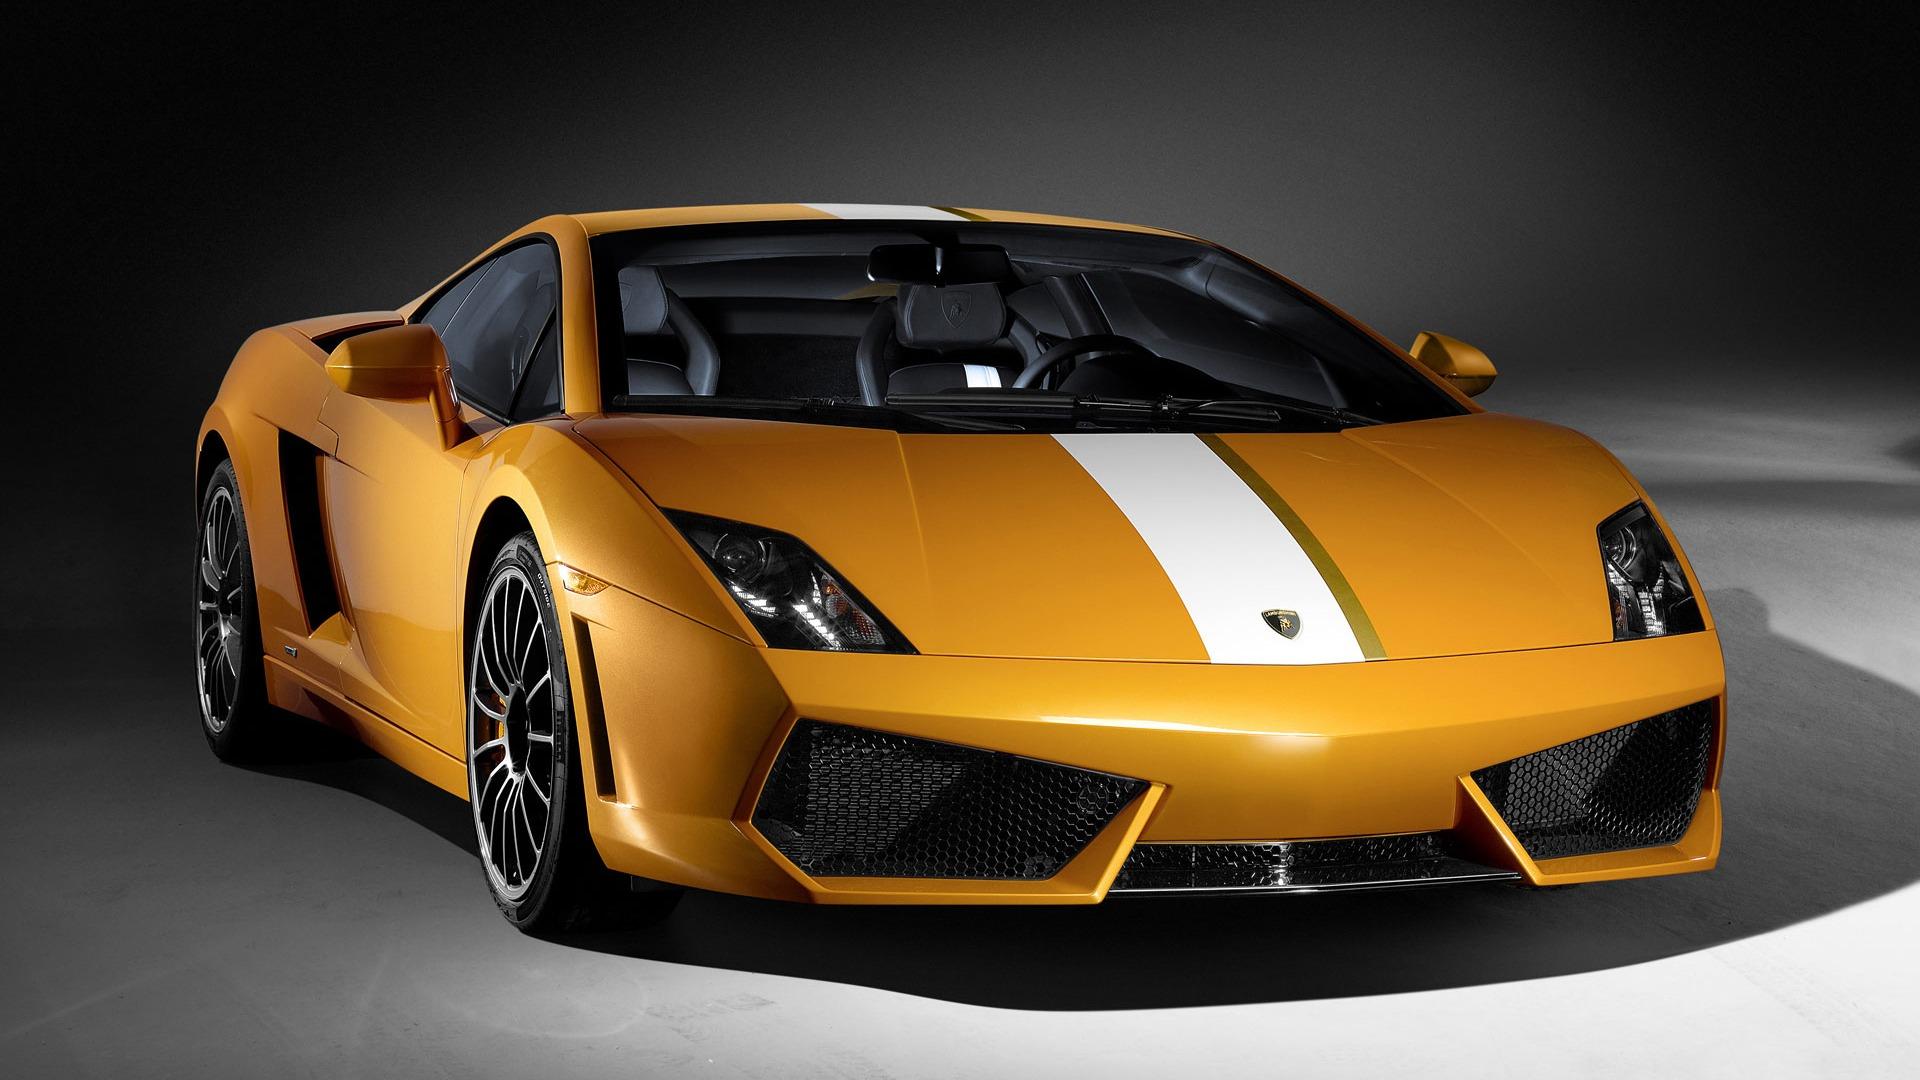 Lamborghini Gallardo Lp550 2 Wallpaper Lamborghini Cars